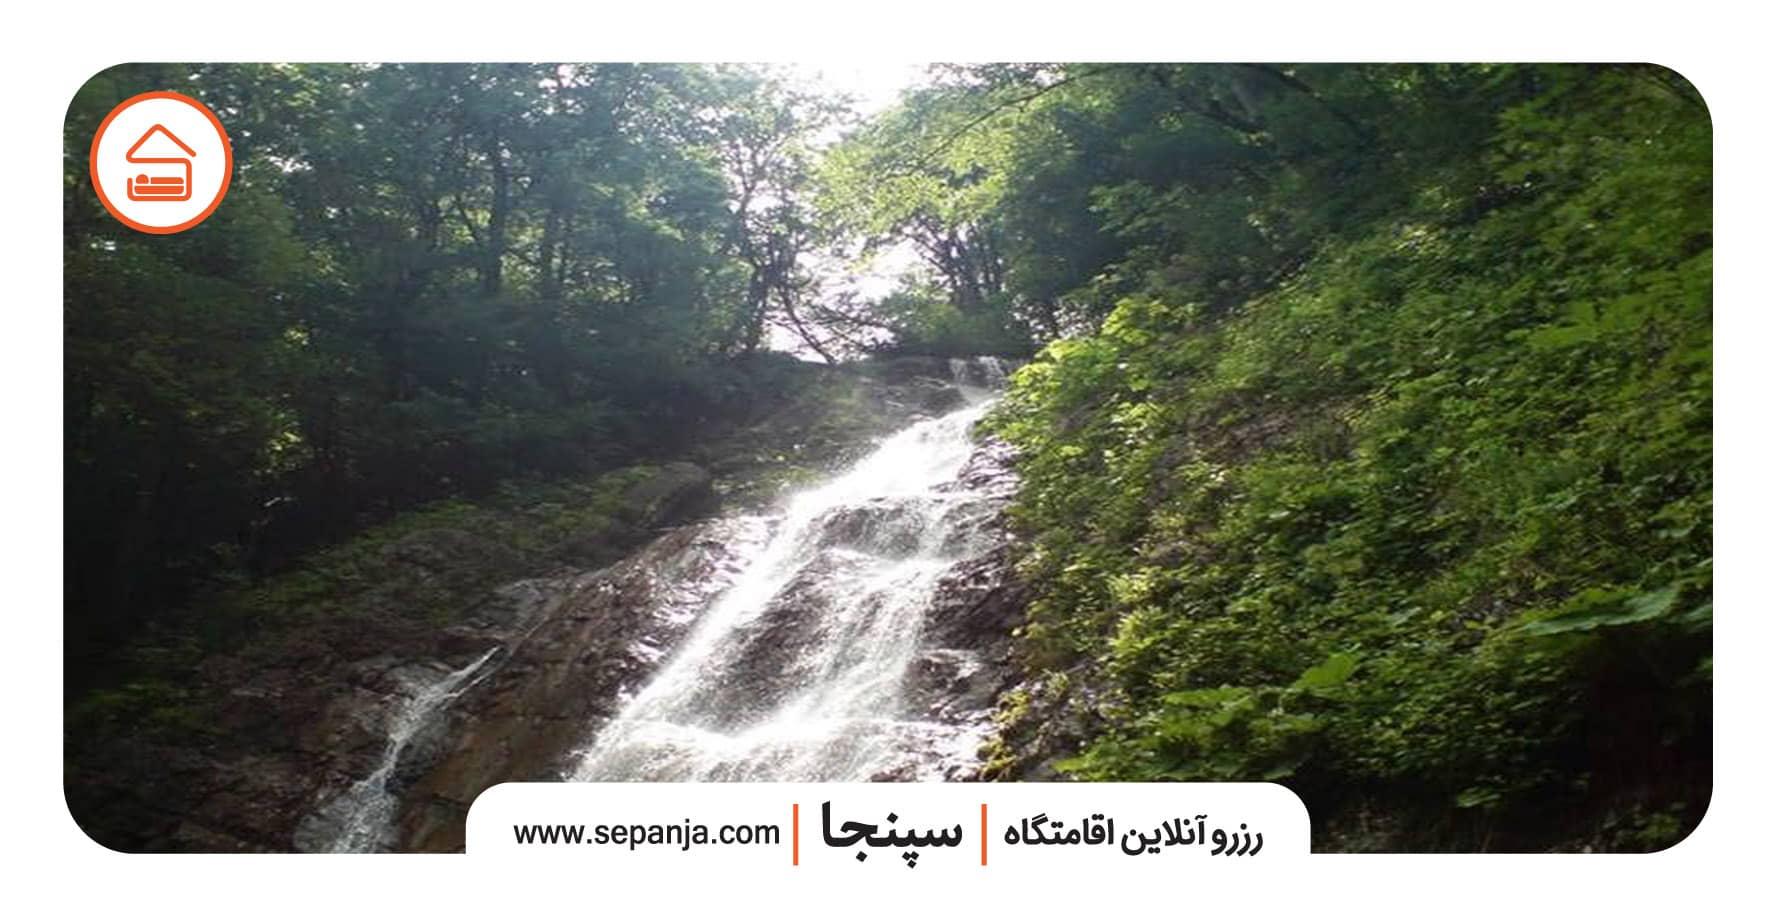 آبشار سنگ بن چشمه از بهترین جاهای دیدنی تنکابن